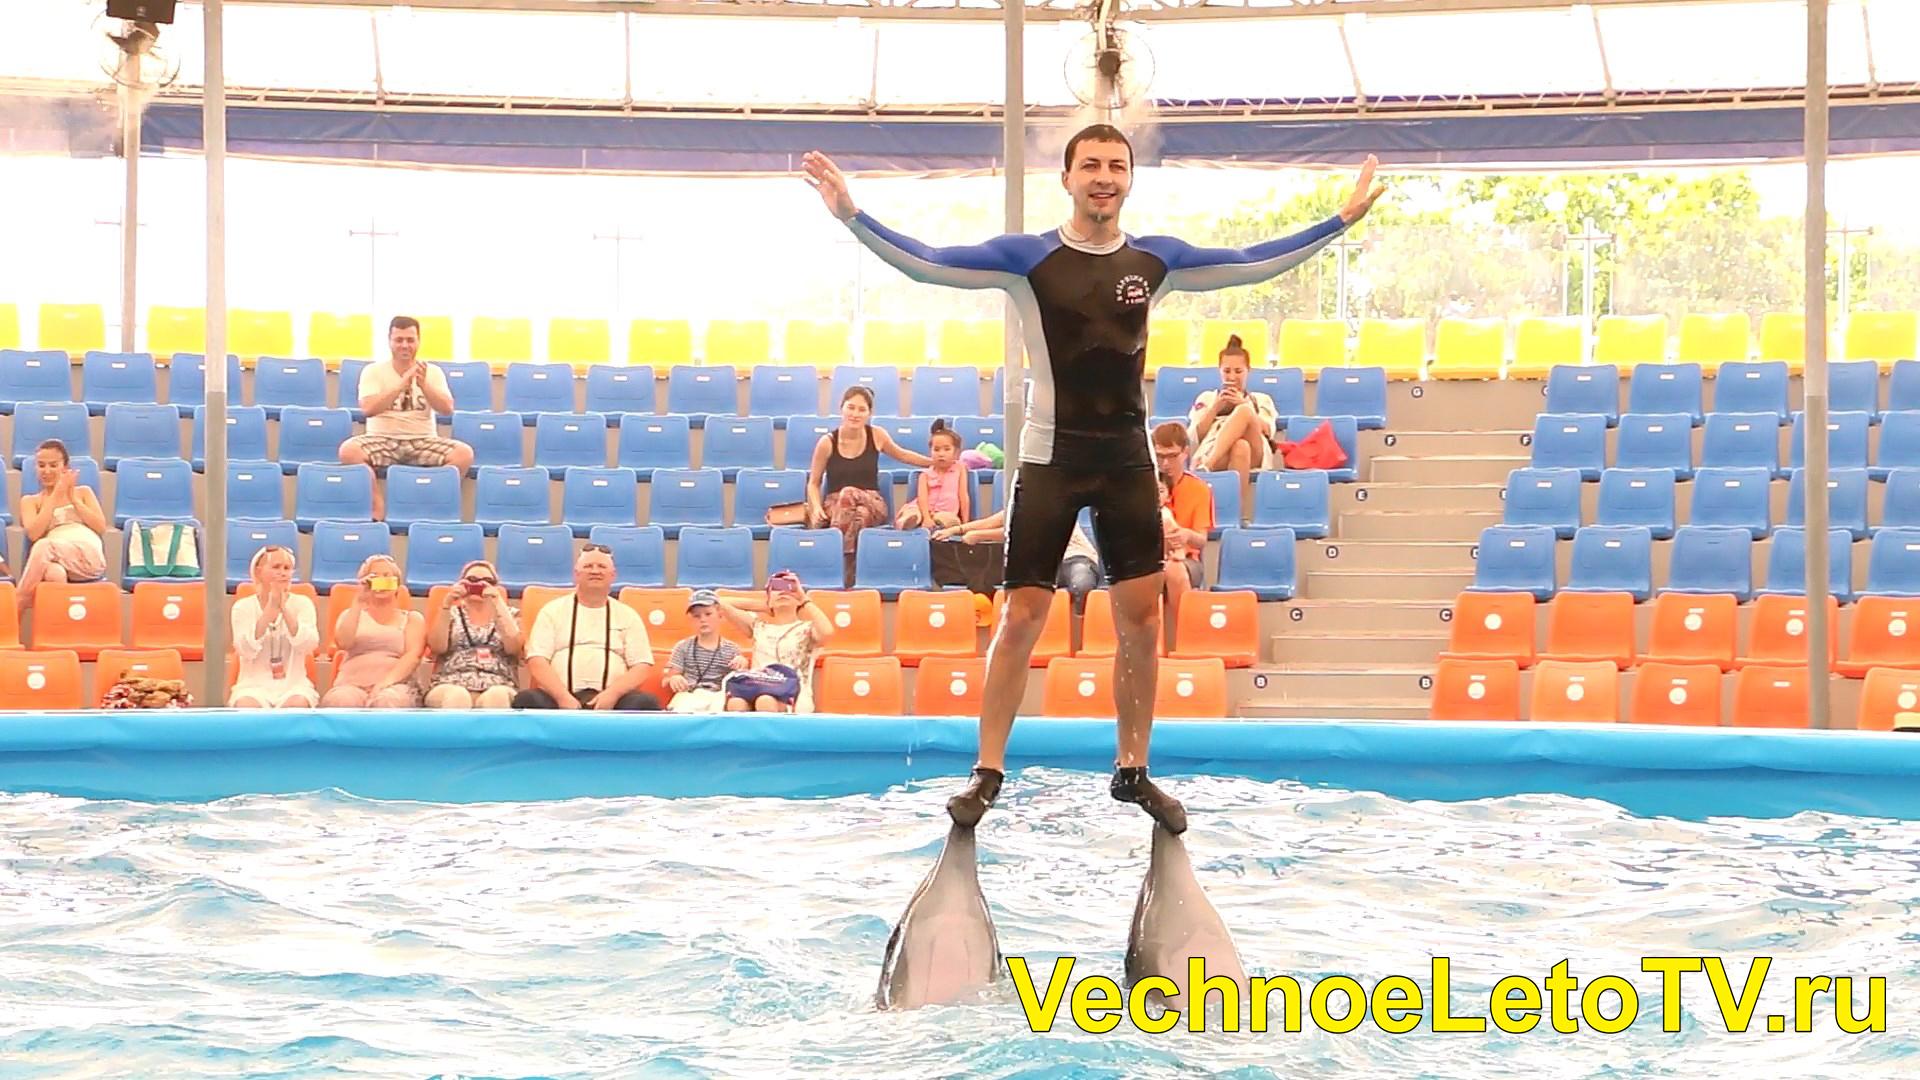 Пхукет дельфинарий Nemo